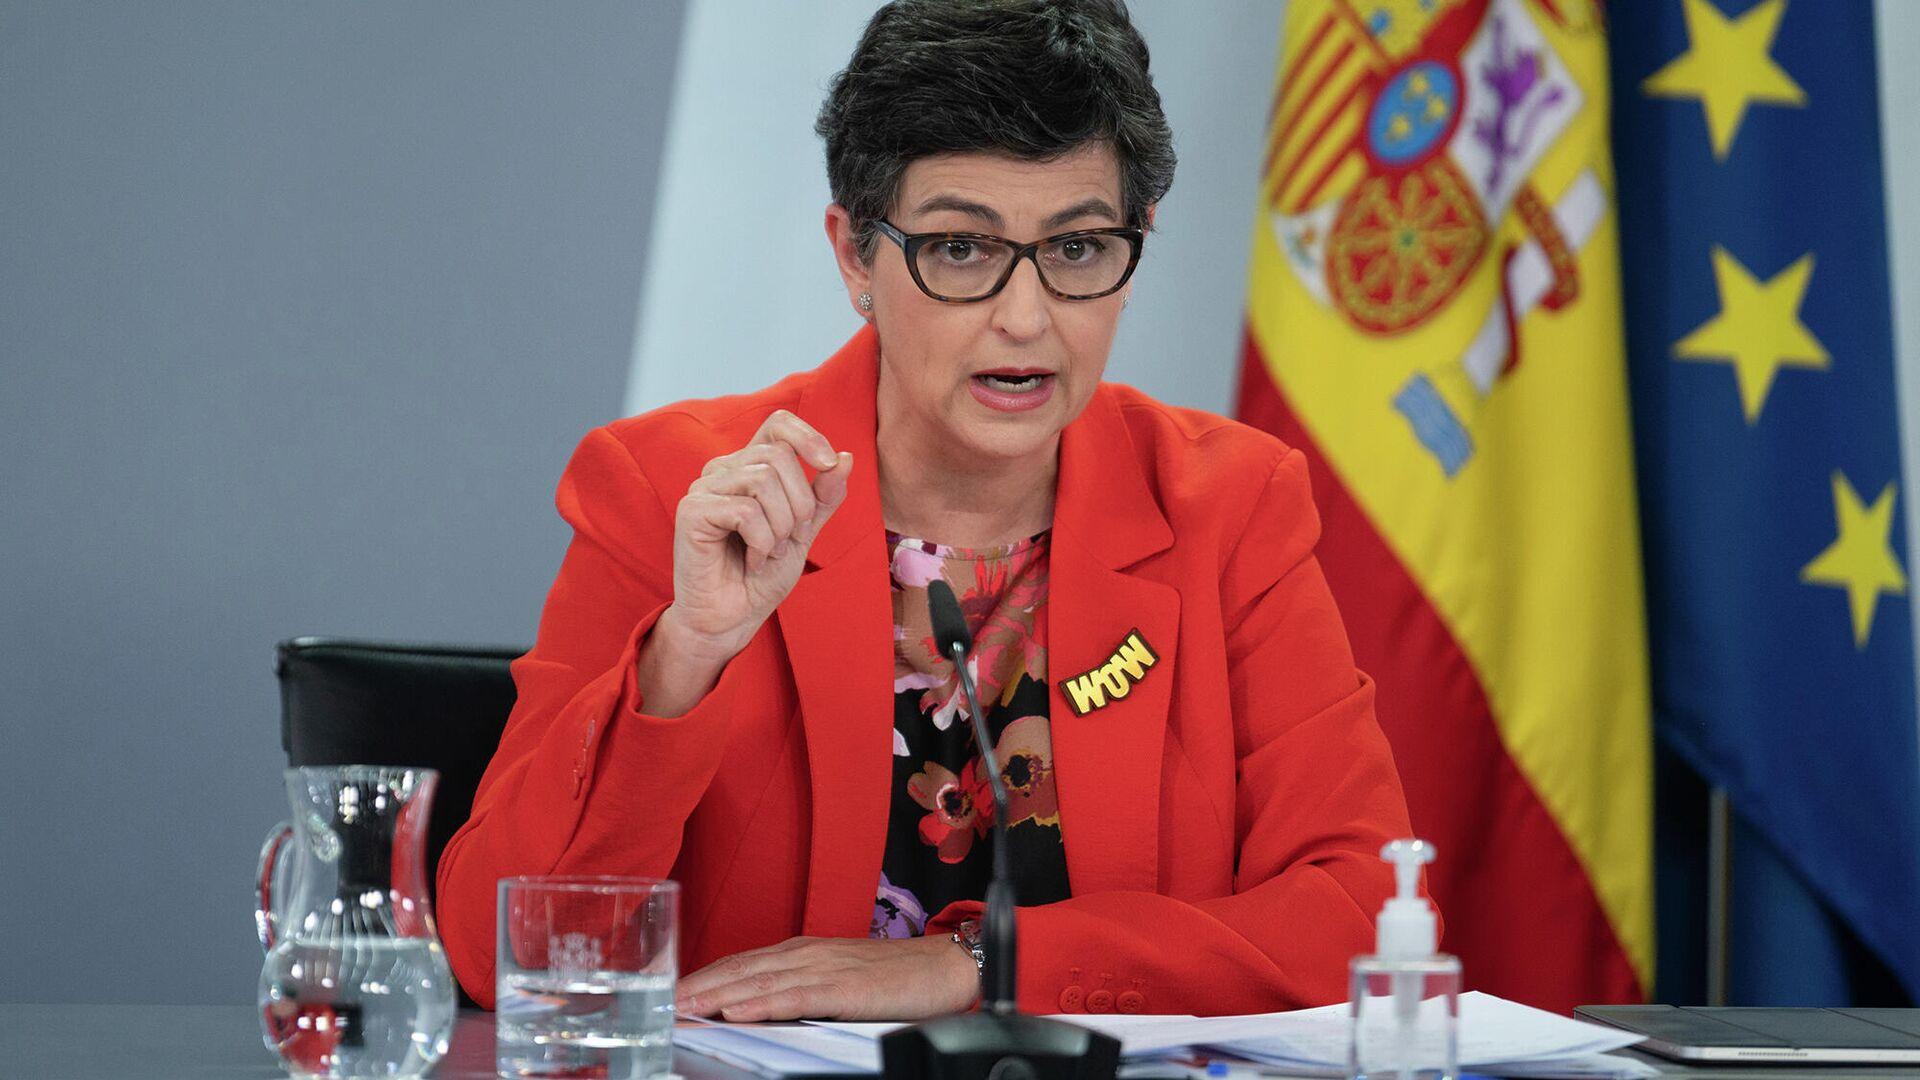 Il ministro degli Esteri della Spagna Arancha Gonzalez Laya - Sputnik Italia, 1920, 06.07.2021